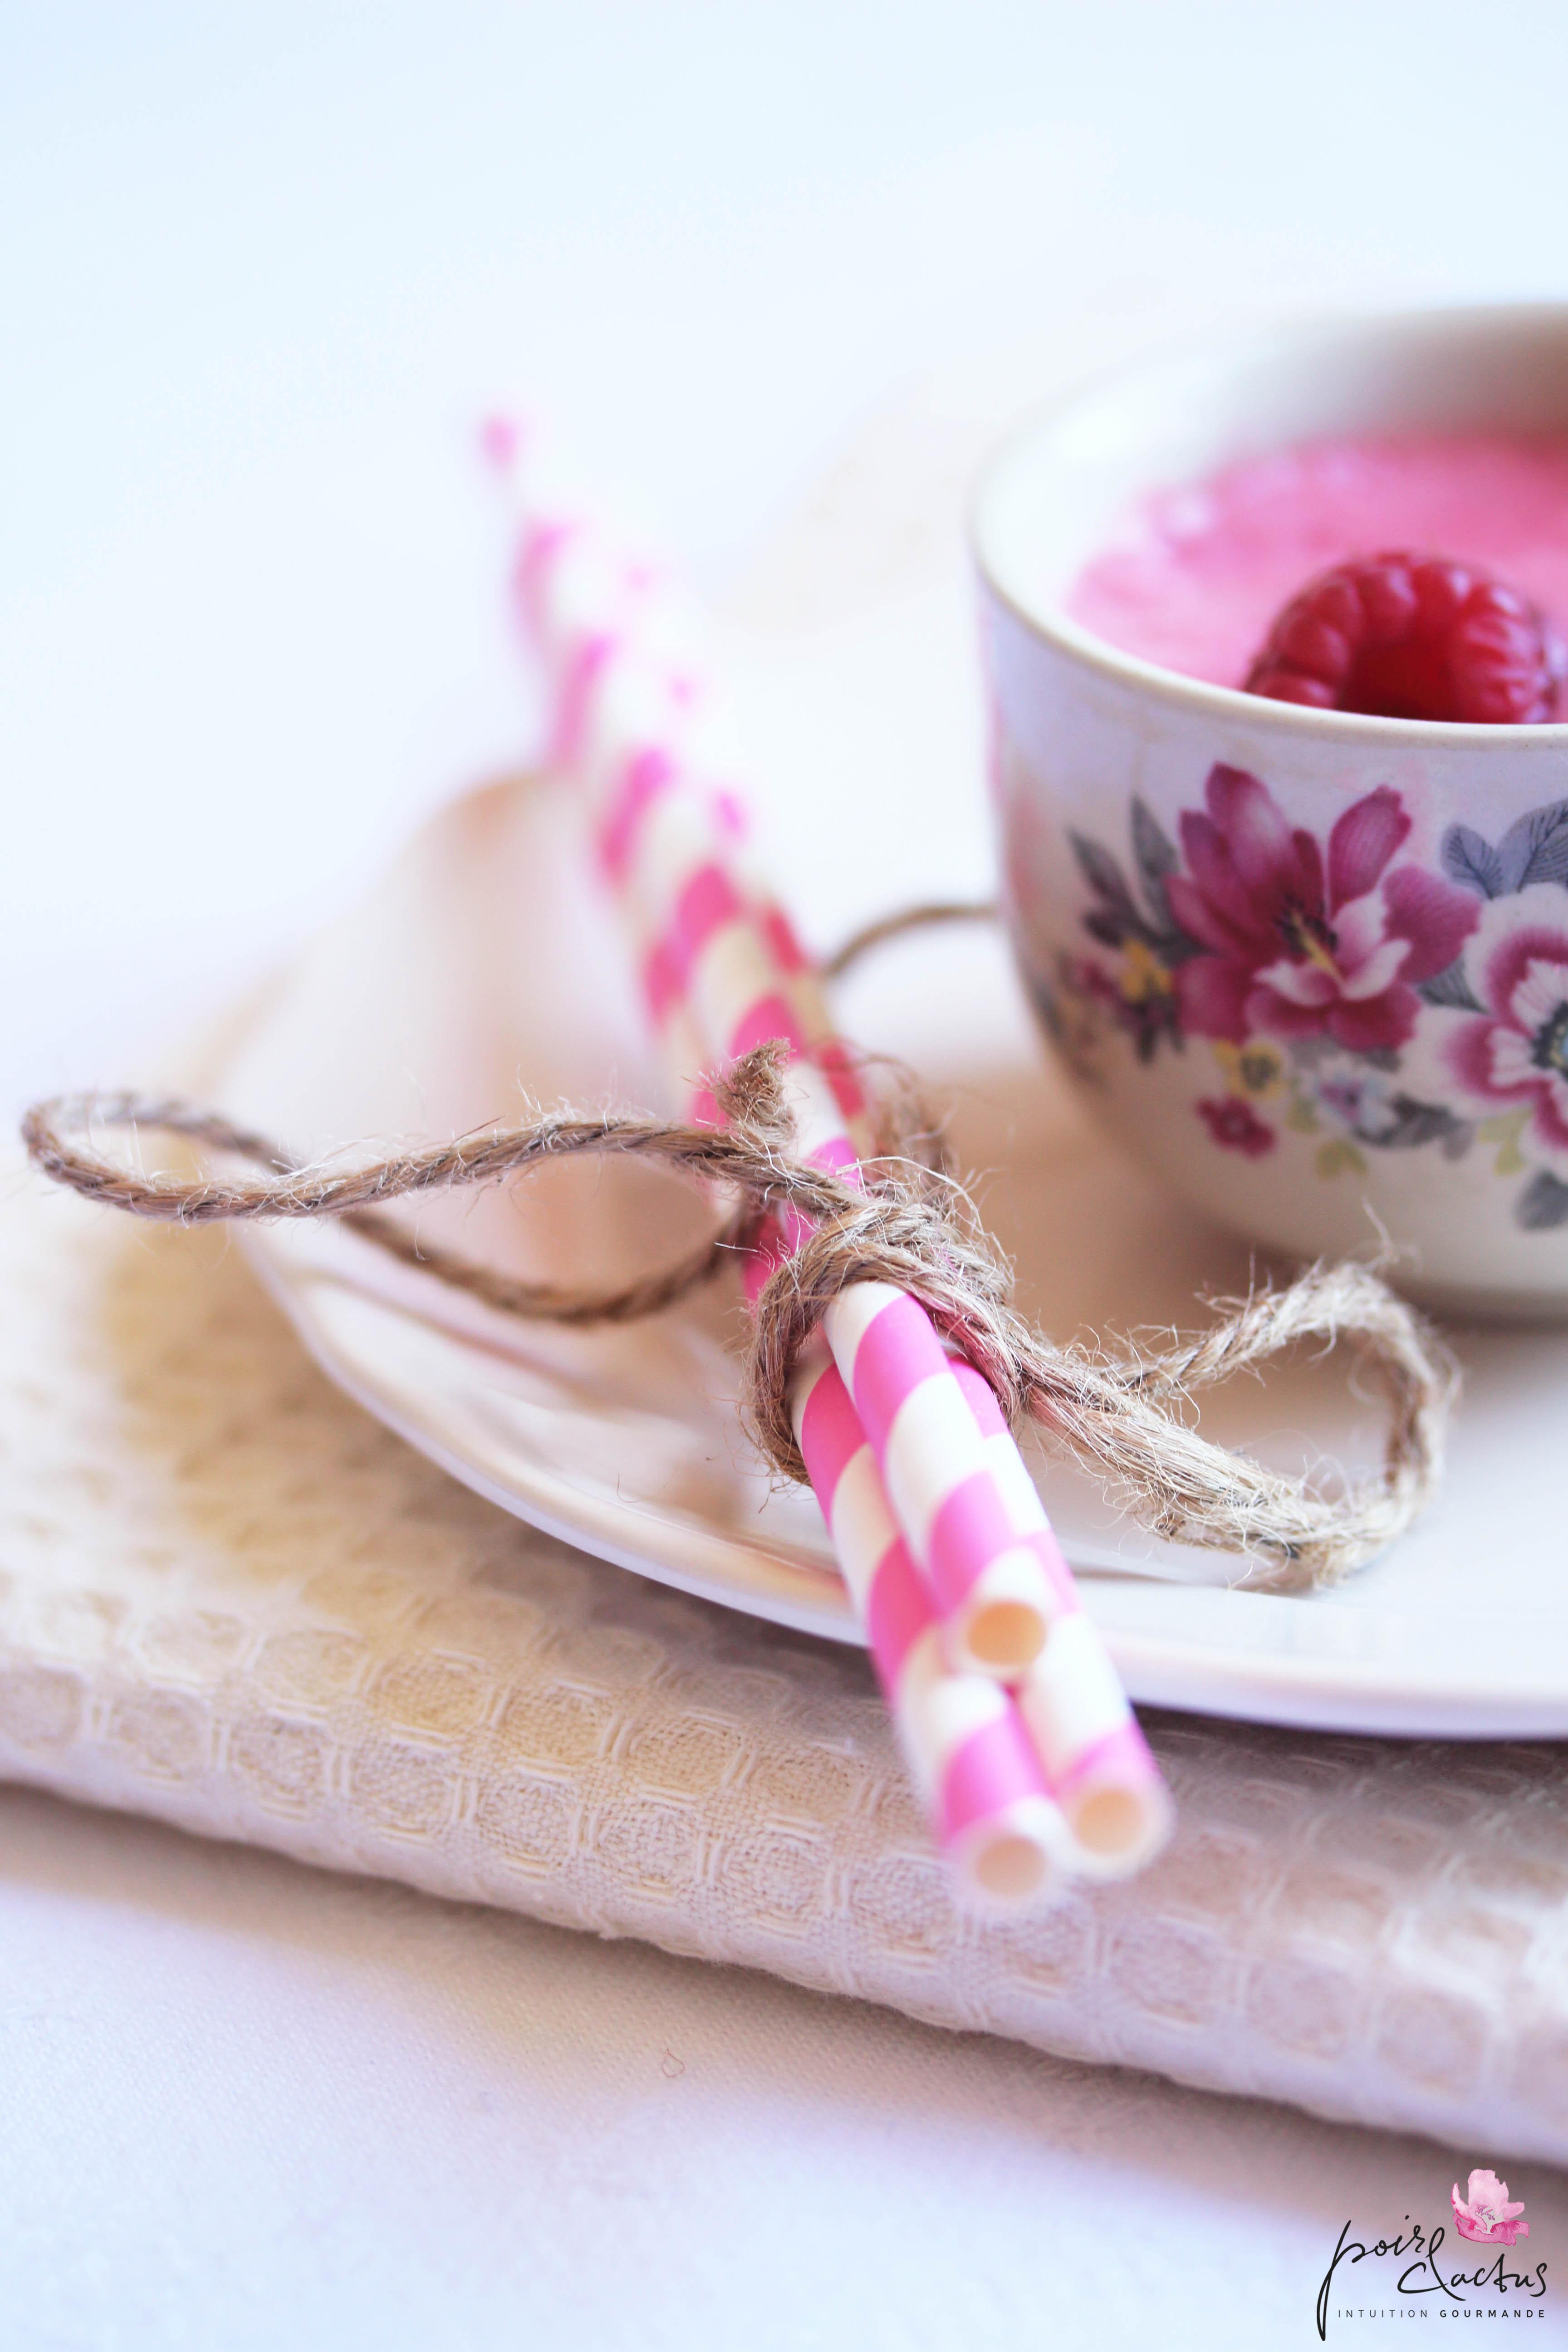 recette_smoothie_framboises_laitdecoco_poiretcactus3